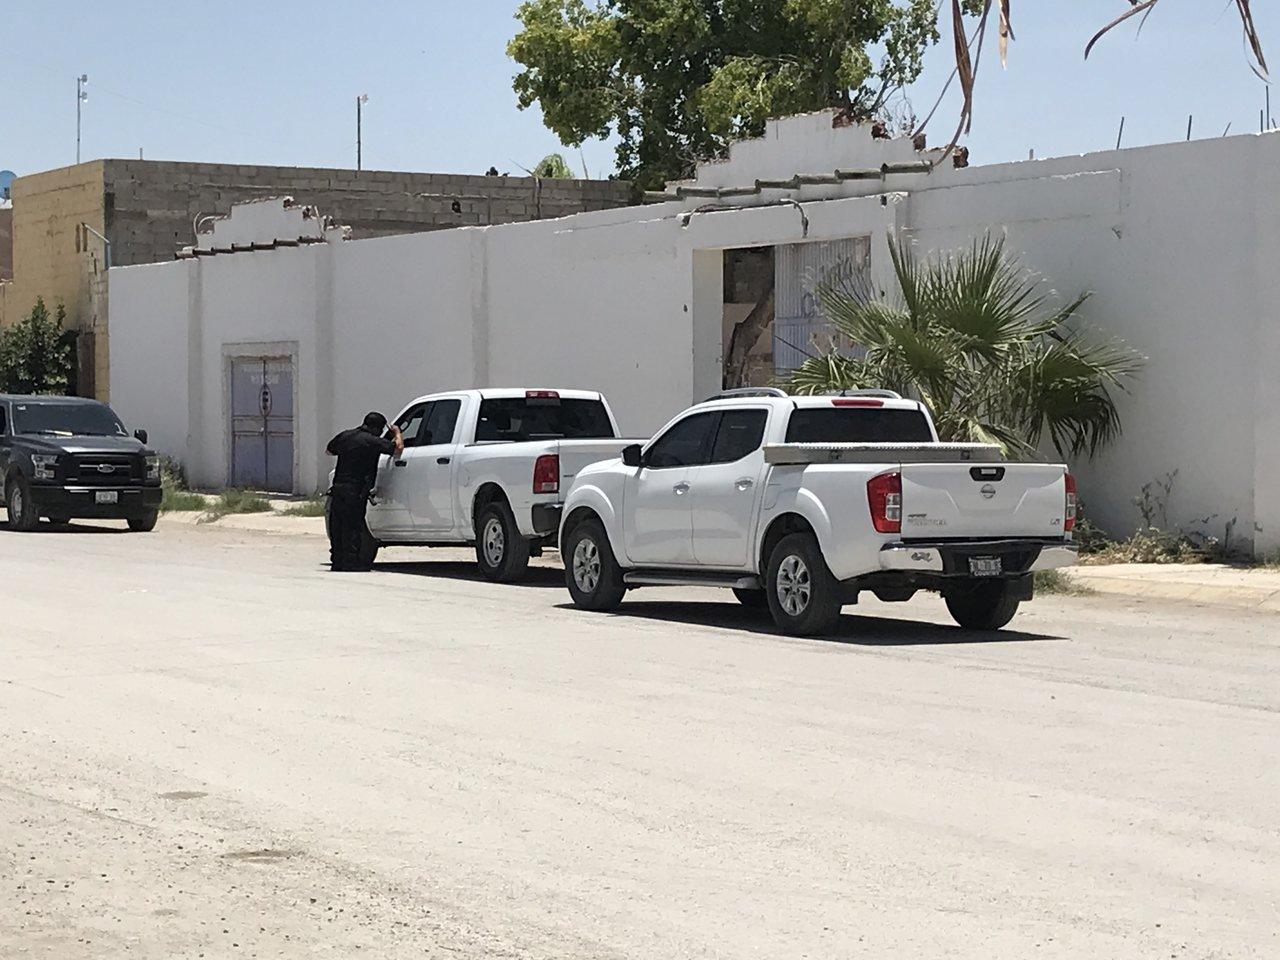 Hombre sin vida es encontrado con huellas de violencia en quinta abandonada de Torreón